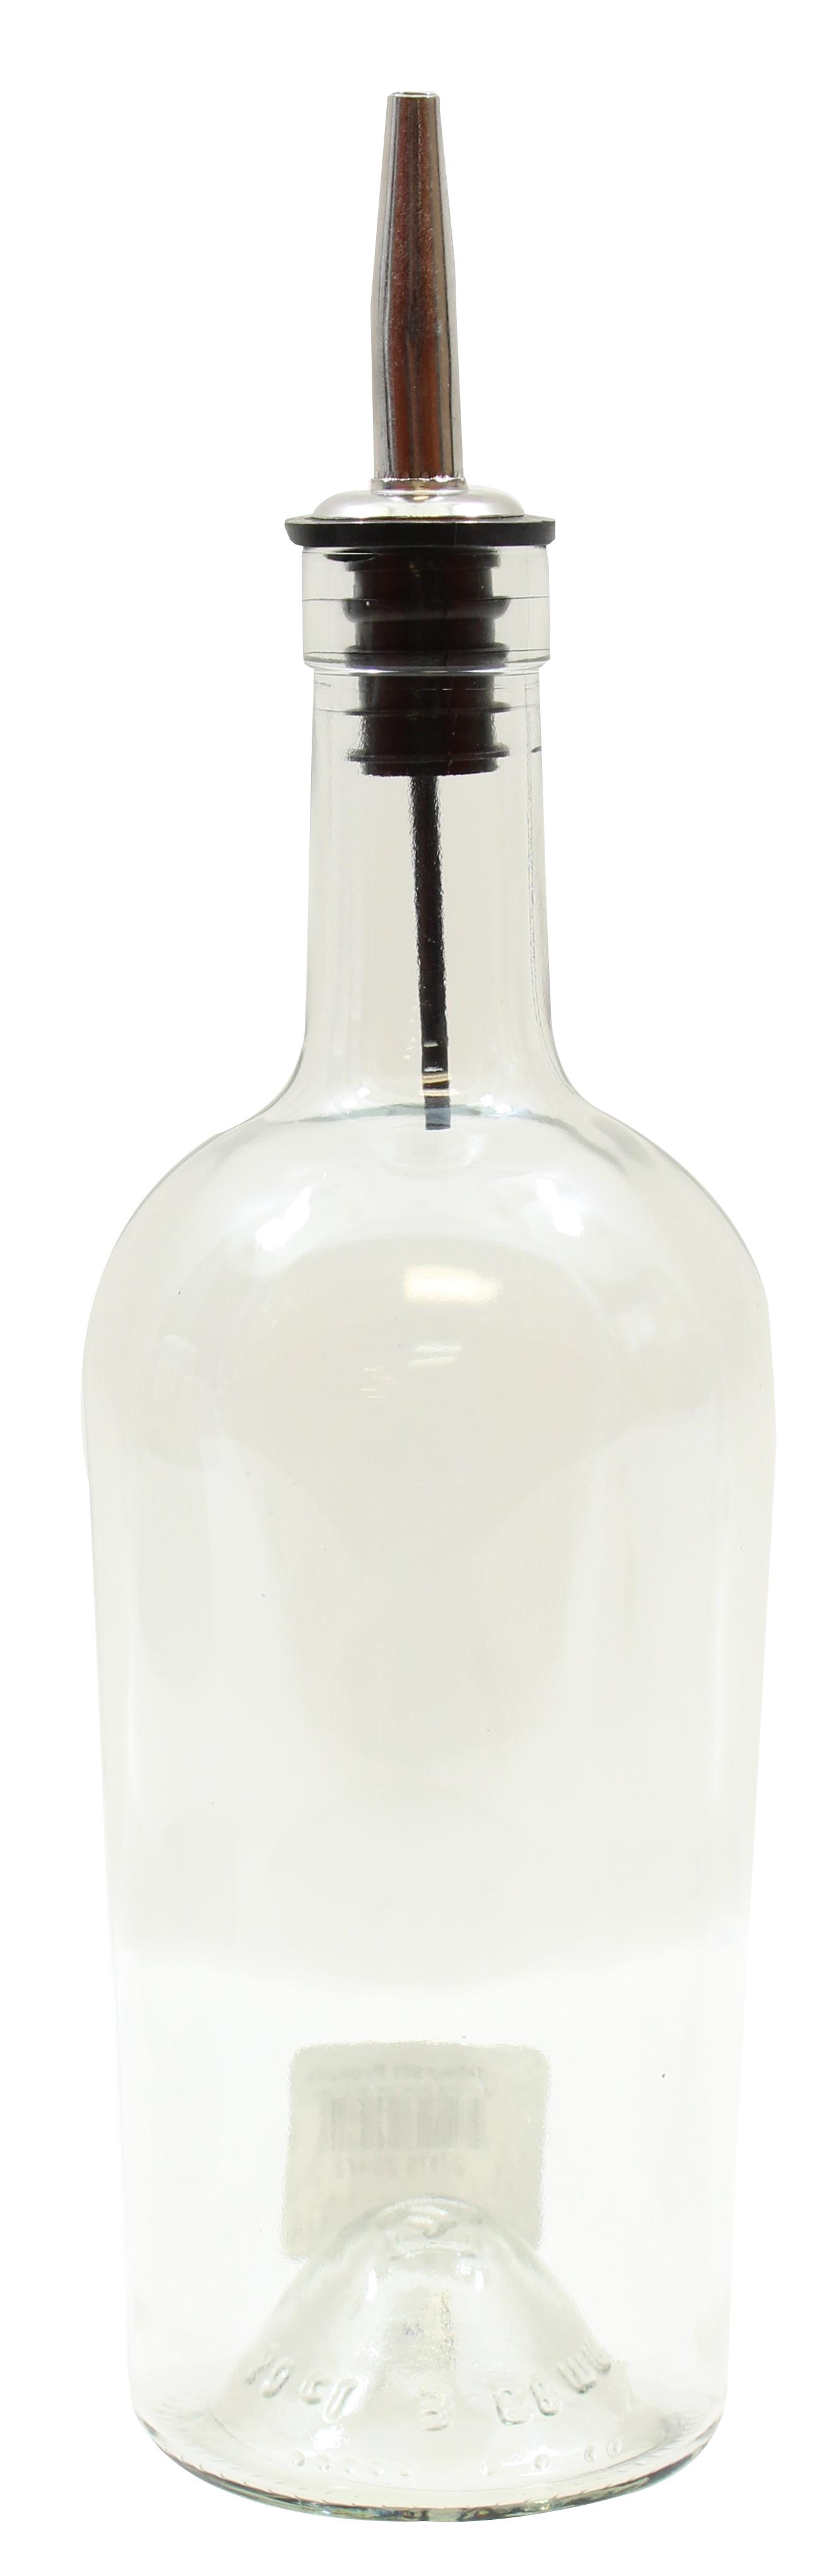 TableCraft Products H932 oil & vinegar